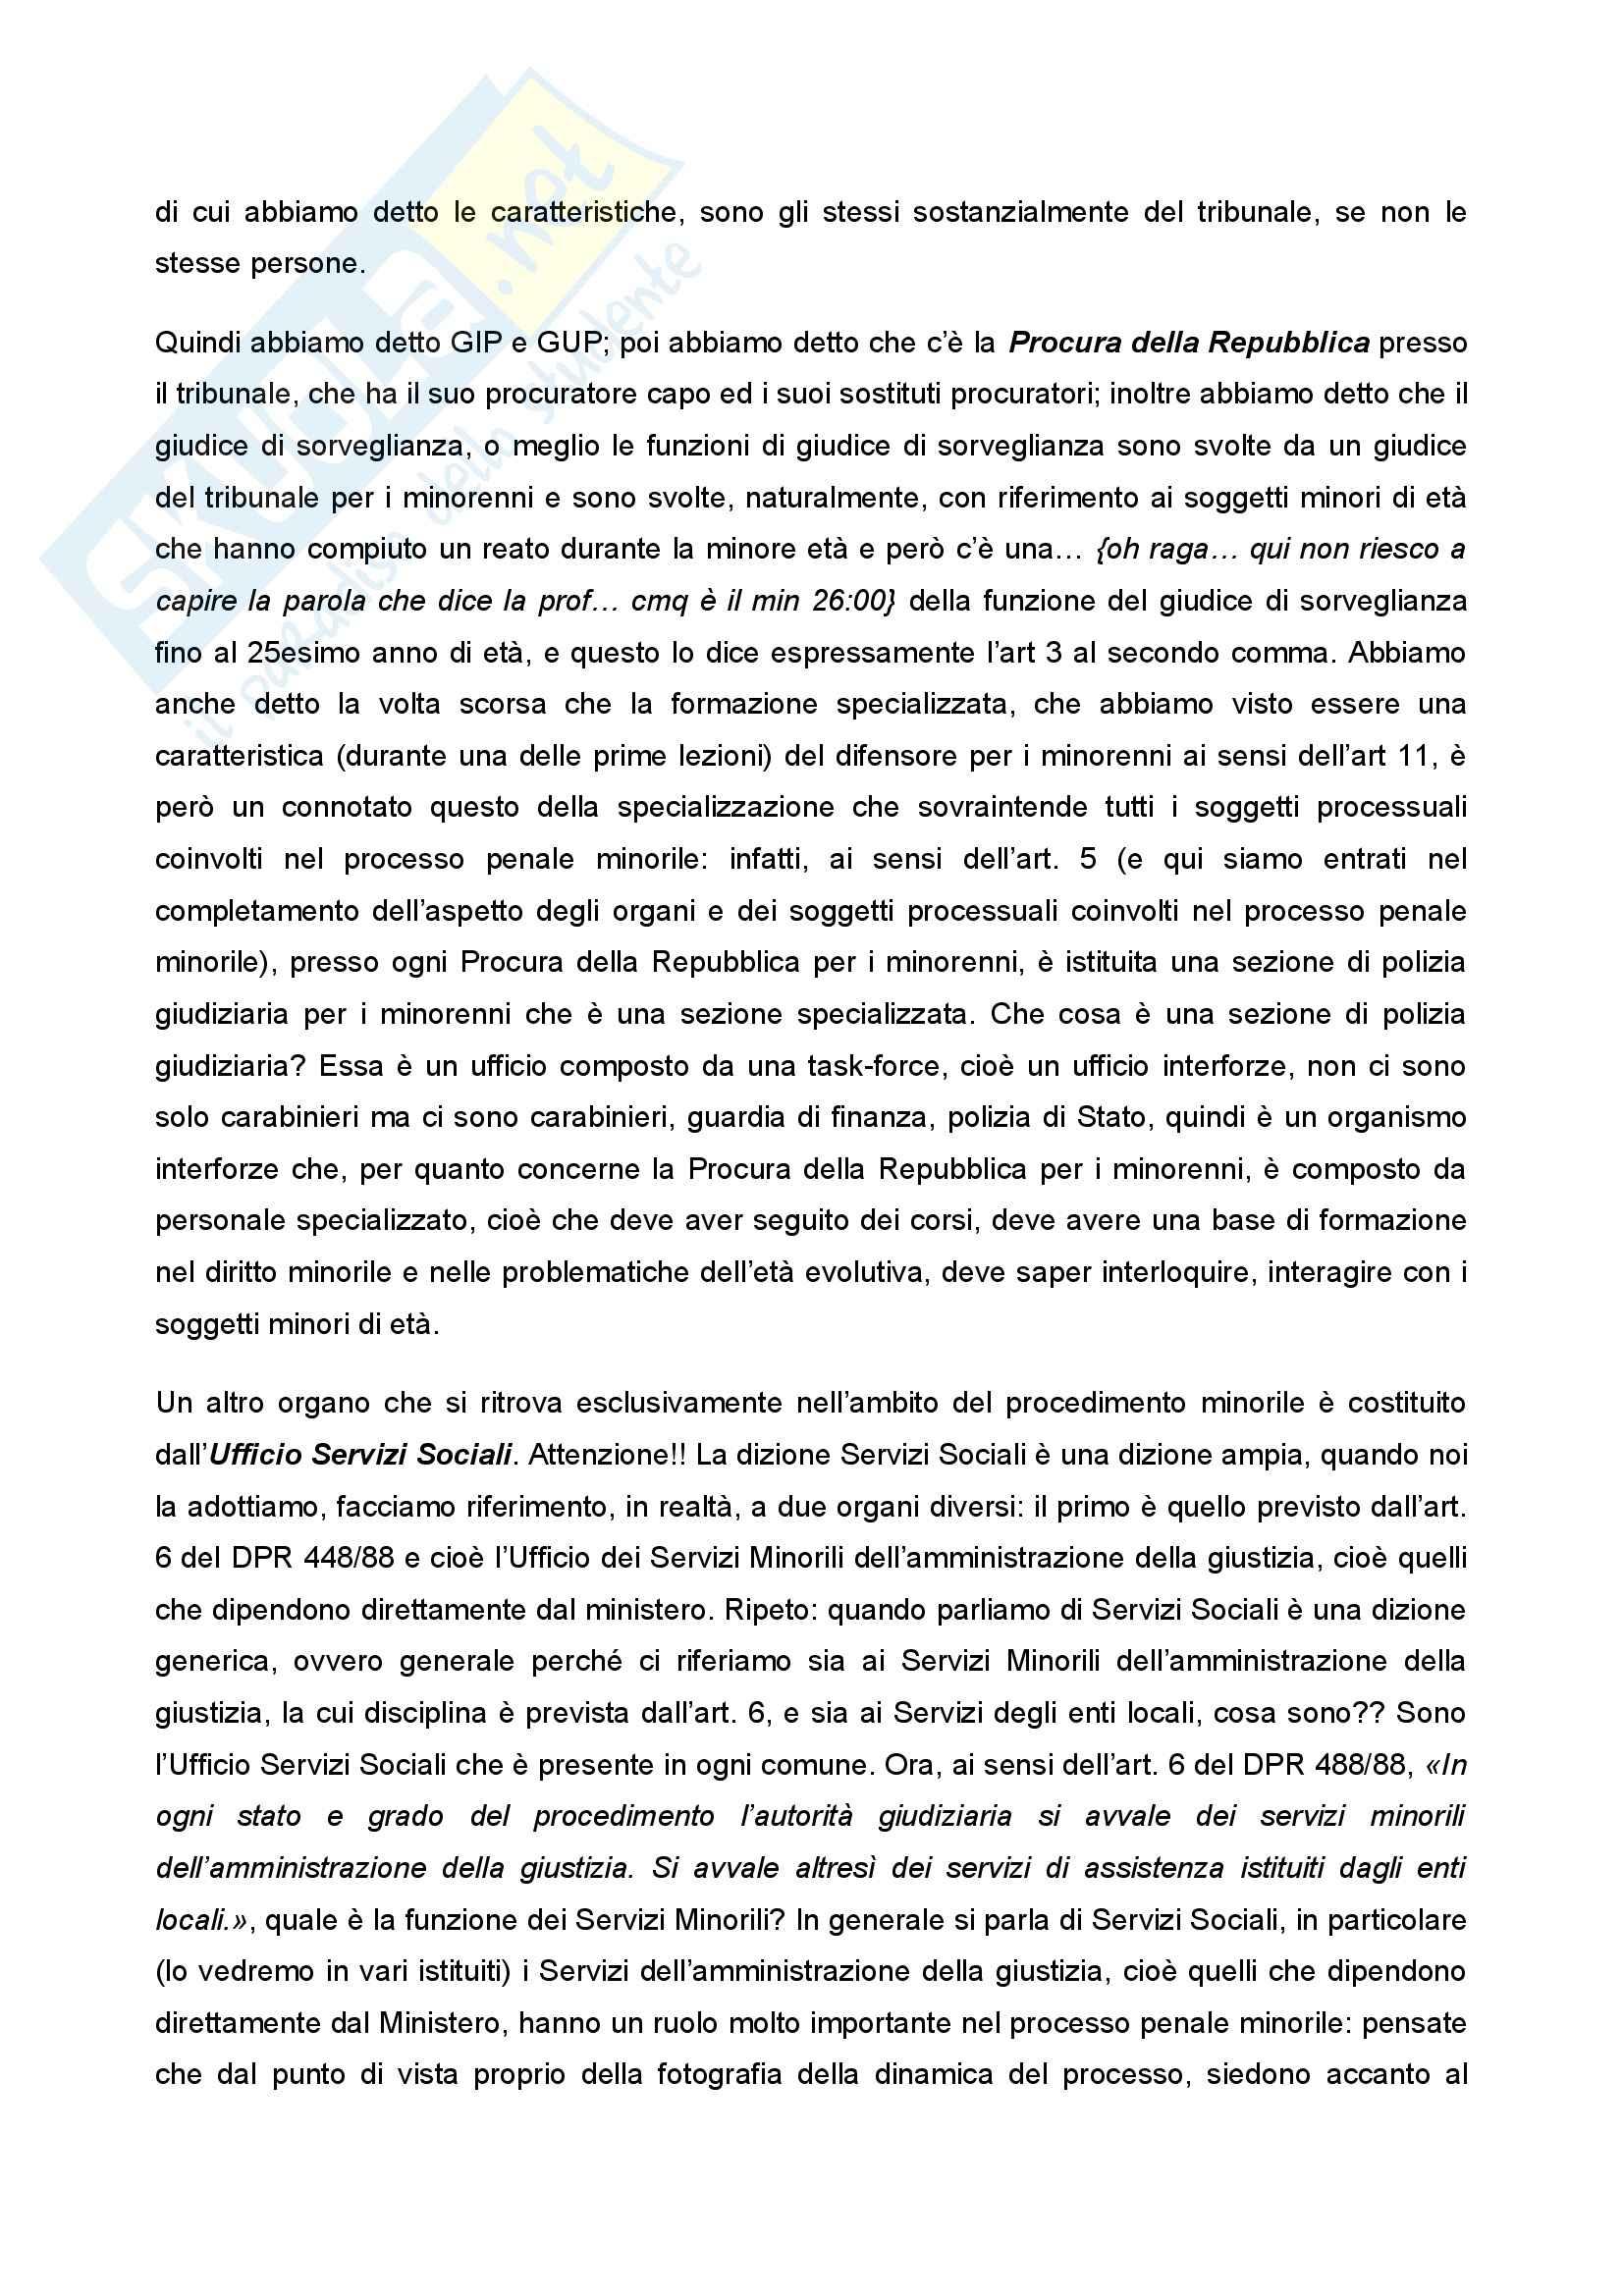 Diritto penale minorile - Corso completo Pag. 41